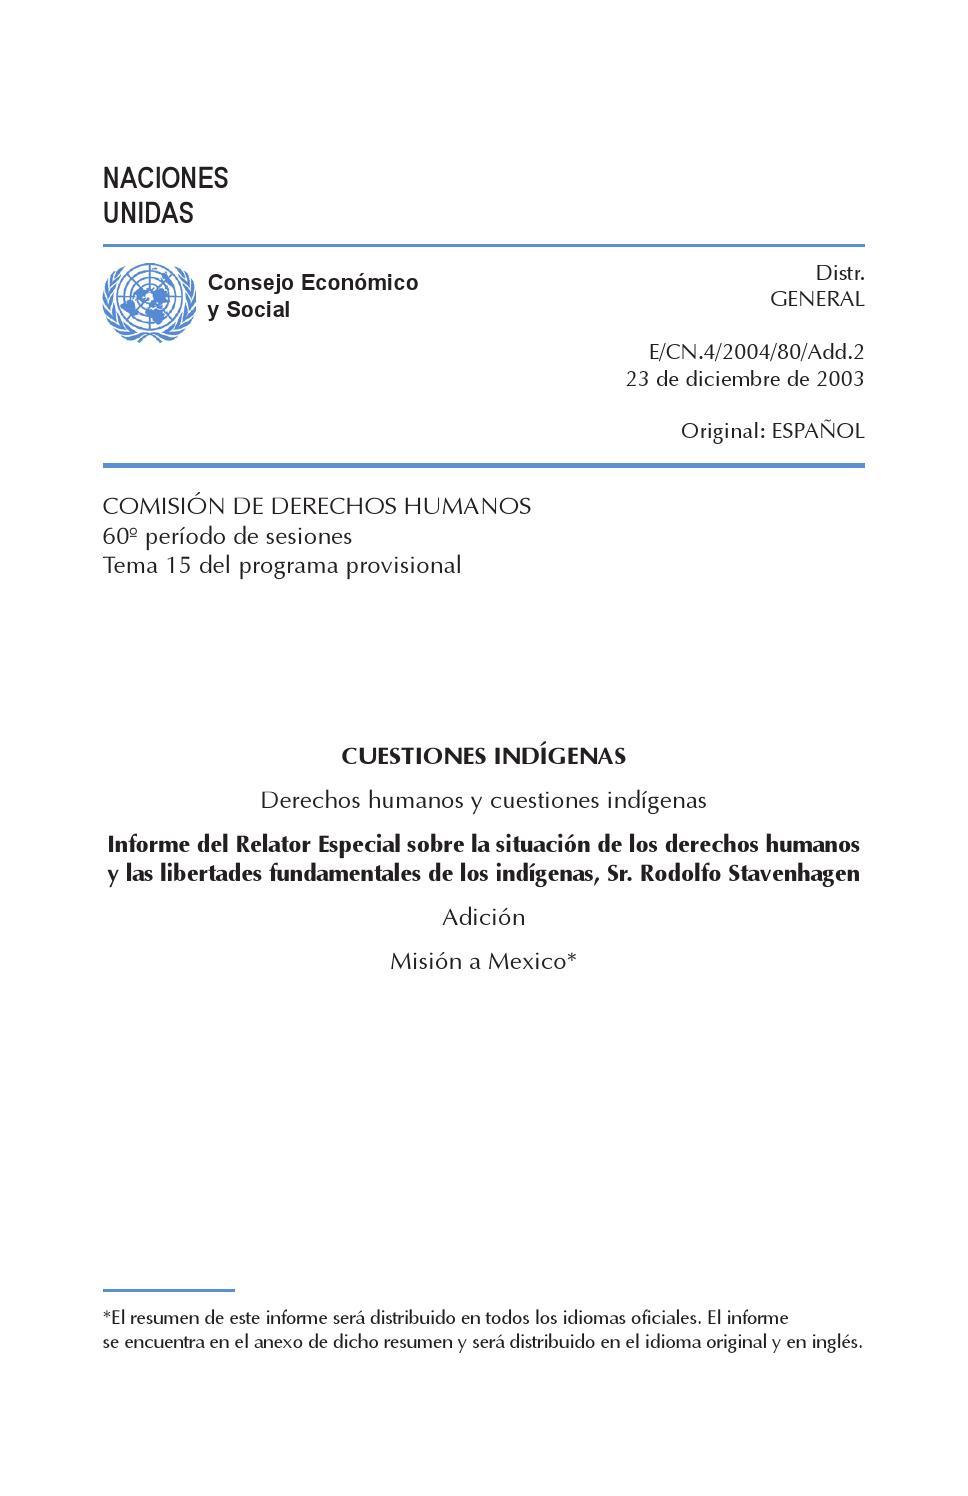 Derechos humanos y cuestiones indígenas by ONU-DH México - issuu